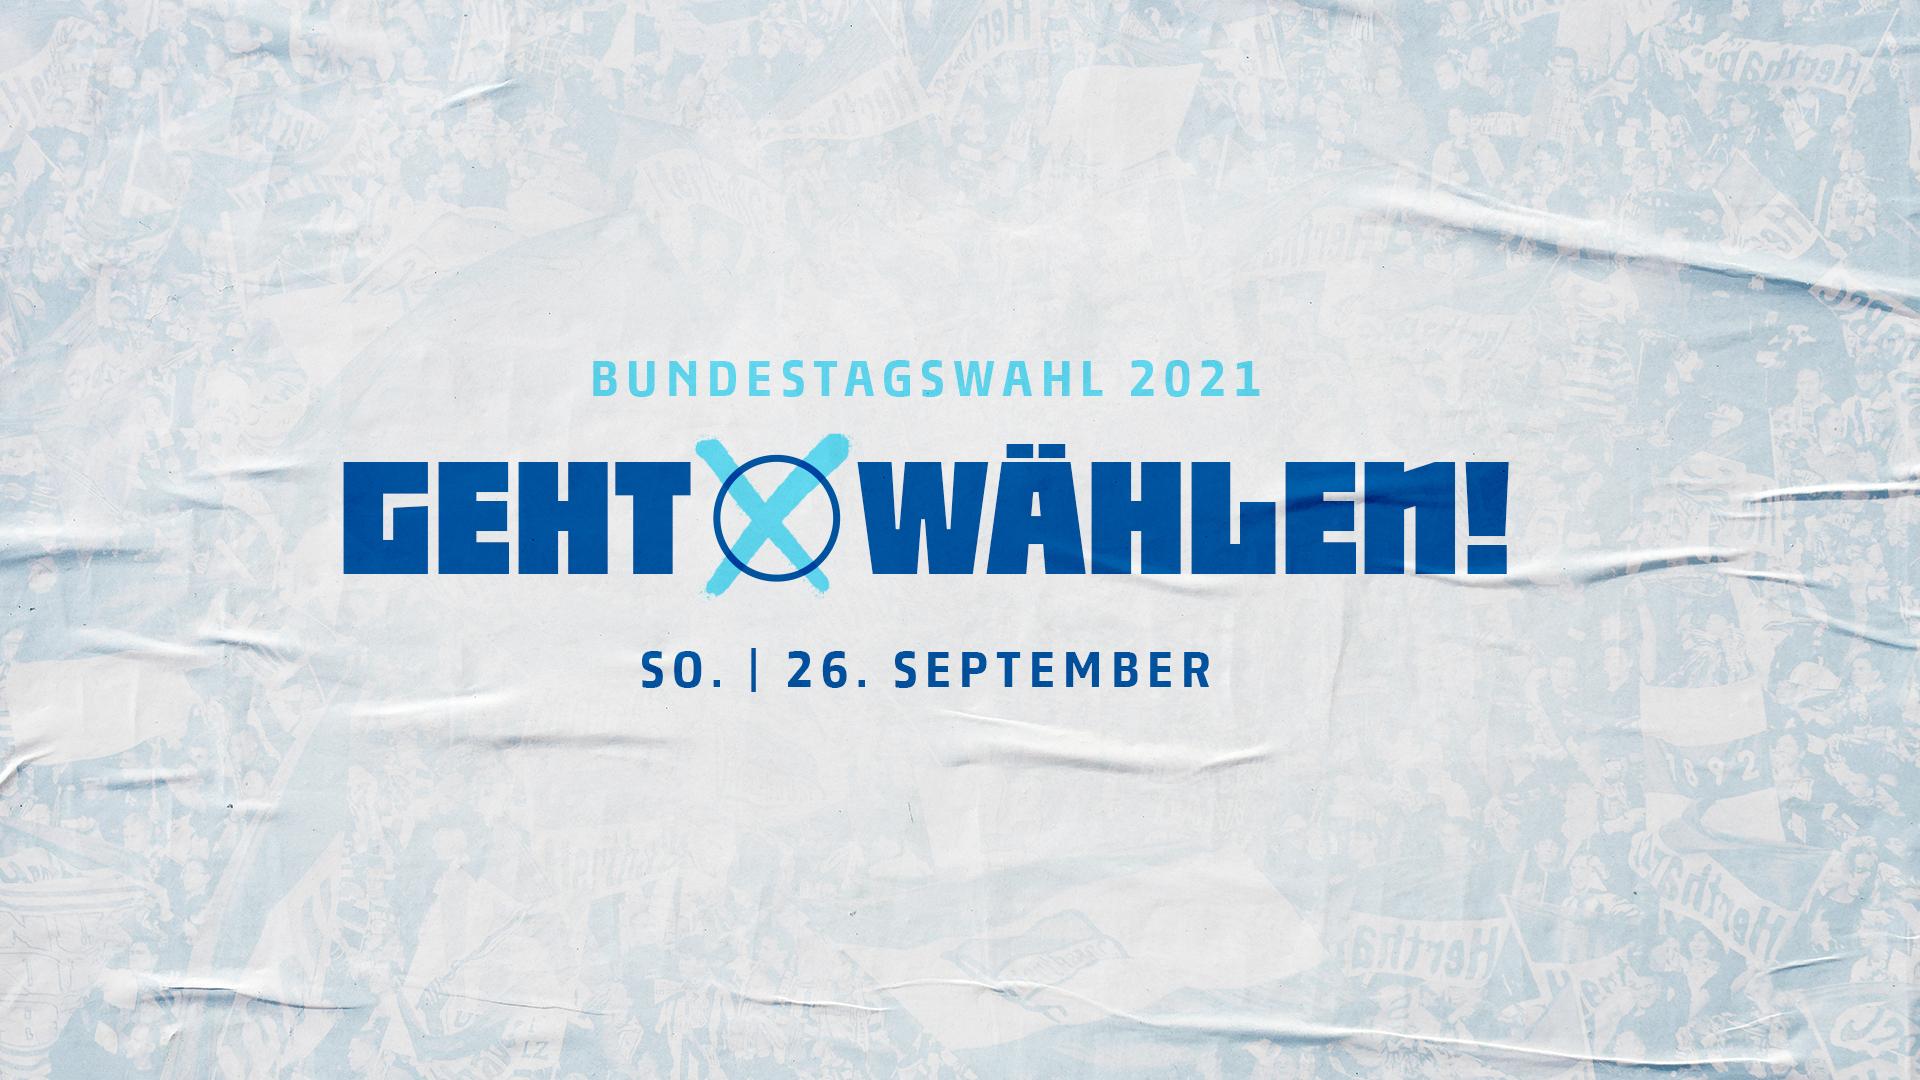 Grafik zum Wahlaufruf für die Bundestagswahl 2021.